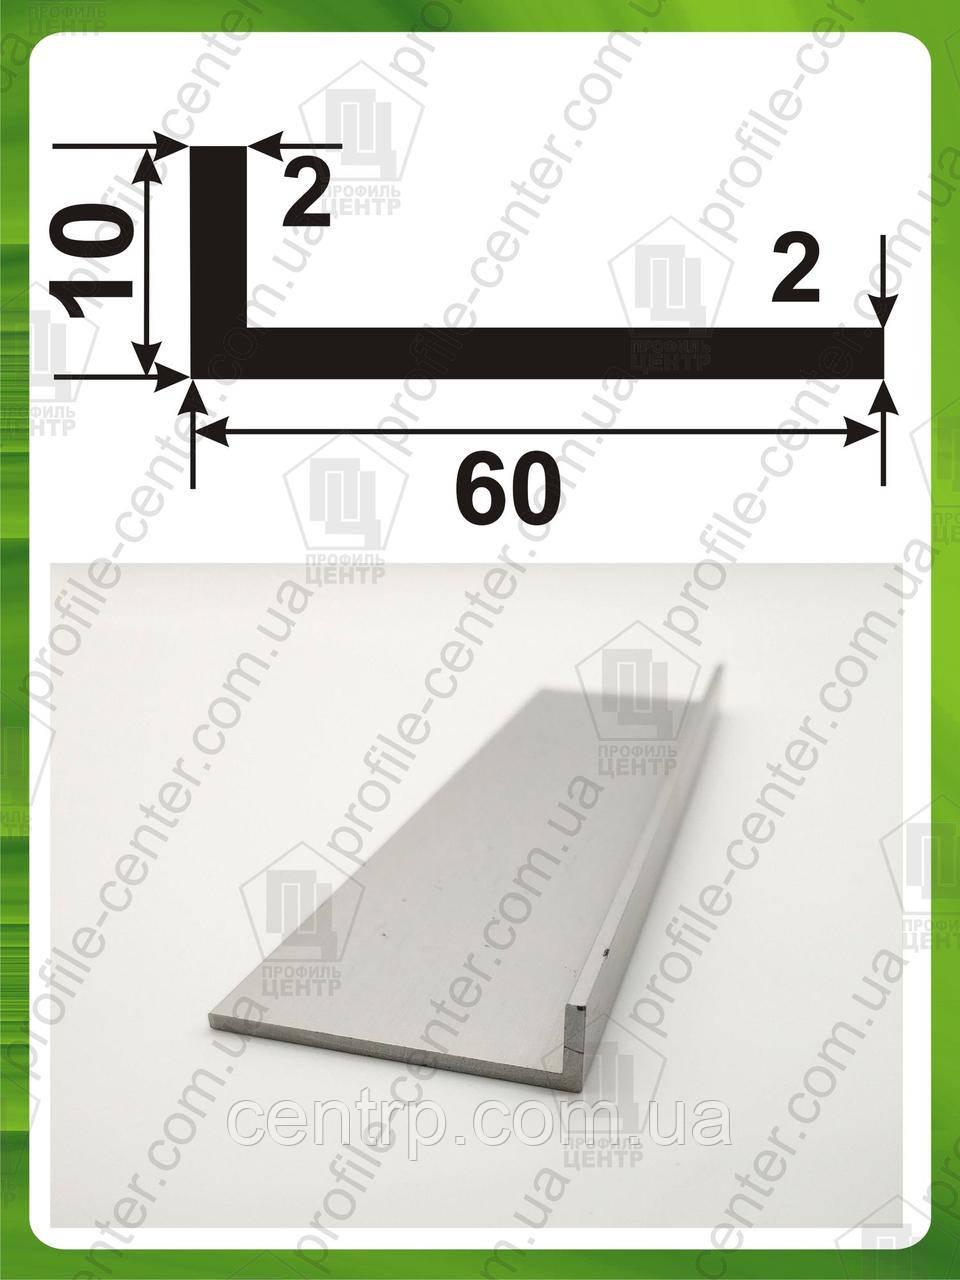 Уголок алюминиевый 60*10*2 разнополочный (разносторонний)